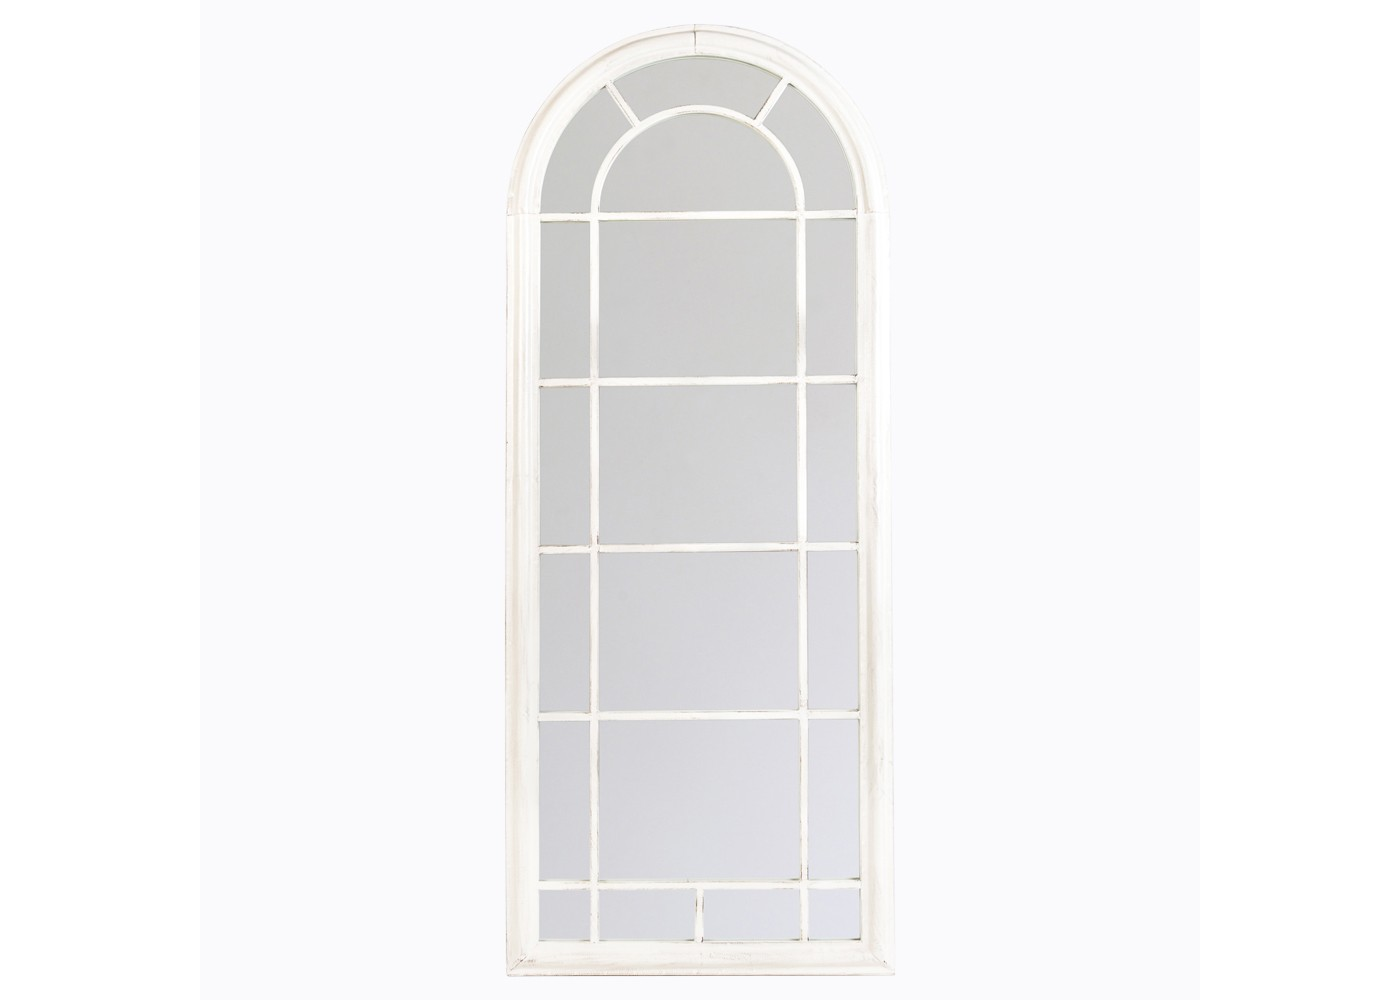 Настенное зеркало «Шайо» (белый антик)Настенные зеркала<br>Светлые тона, плавность симметричных форм и утонченность лаконичной отделки ? детали, рождающие изысканный дизайн &amp;quot;Шайо&amp;quot;. Они придают арочному зеркалу имидж парадности, смешанной с романтизмом и нежностью. Белый цвет превращает металлическую оправу в деликатный акцент, подчеркивающий аккуратность и аристократичность пространства. Визуально расширяя его границы и увеличивая высоту потолков, классическое зеркало служит не только украшением для интерьера, но и предметом, способным менять архитектуру помещения.&amp;lt;div&amp;gt;&amp;lt;br&amp;gt;&amp;lt;/div&amp;gt;&amp;lt;div&amp;gt;Размер: 60?150?4 см.&amp;lt;/div&amp;gt;<br><br>Material: Металл<br>Width см: 60<br>Depth см: 4<br>Height см: 150